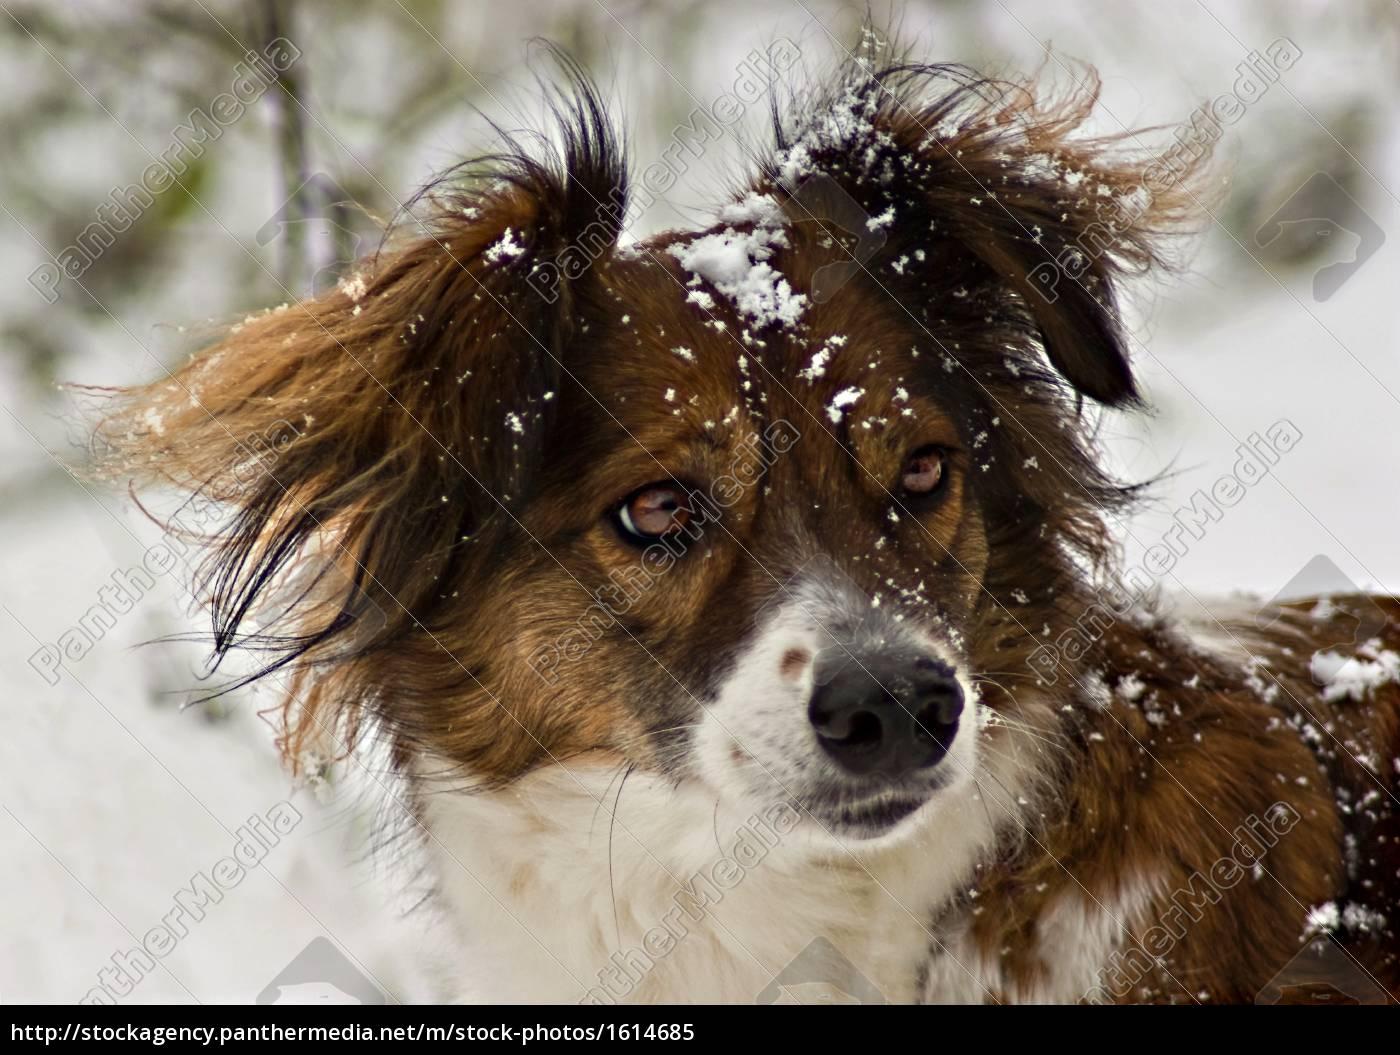 snowball, fight, ..., i'll, .. - 1614685